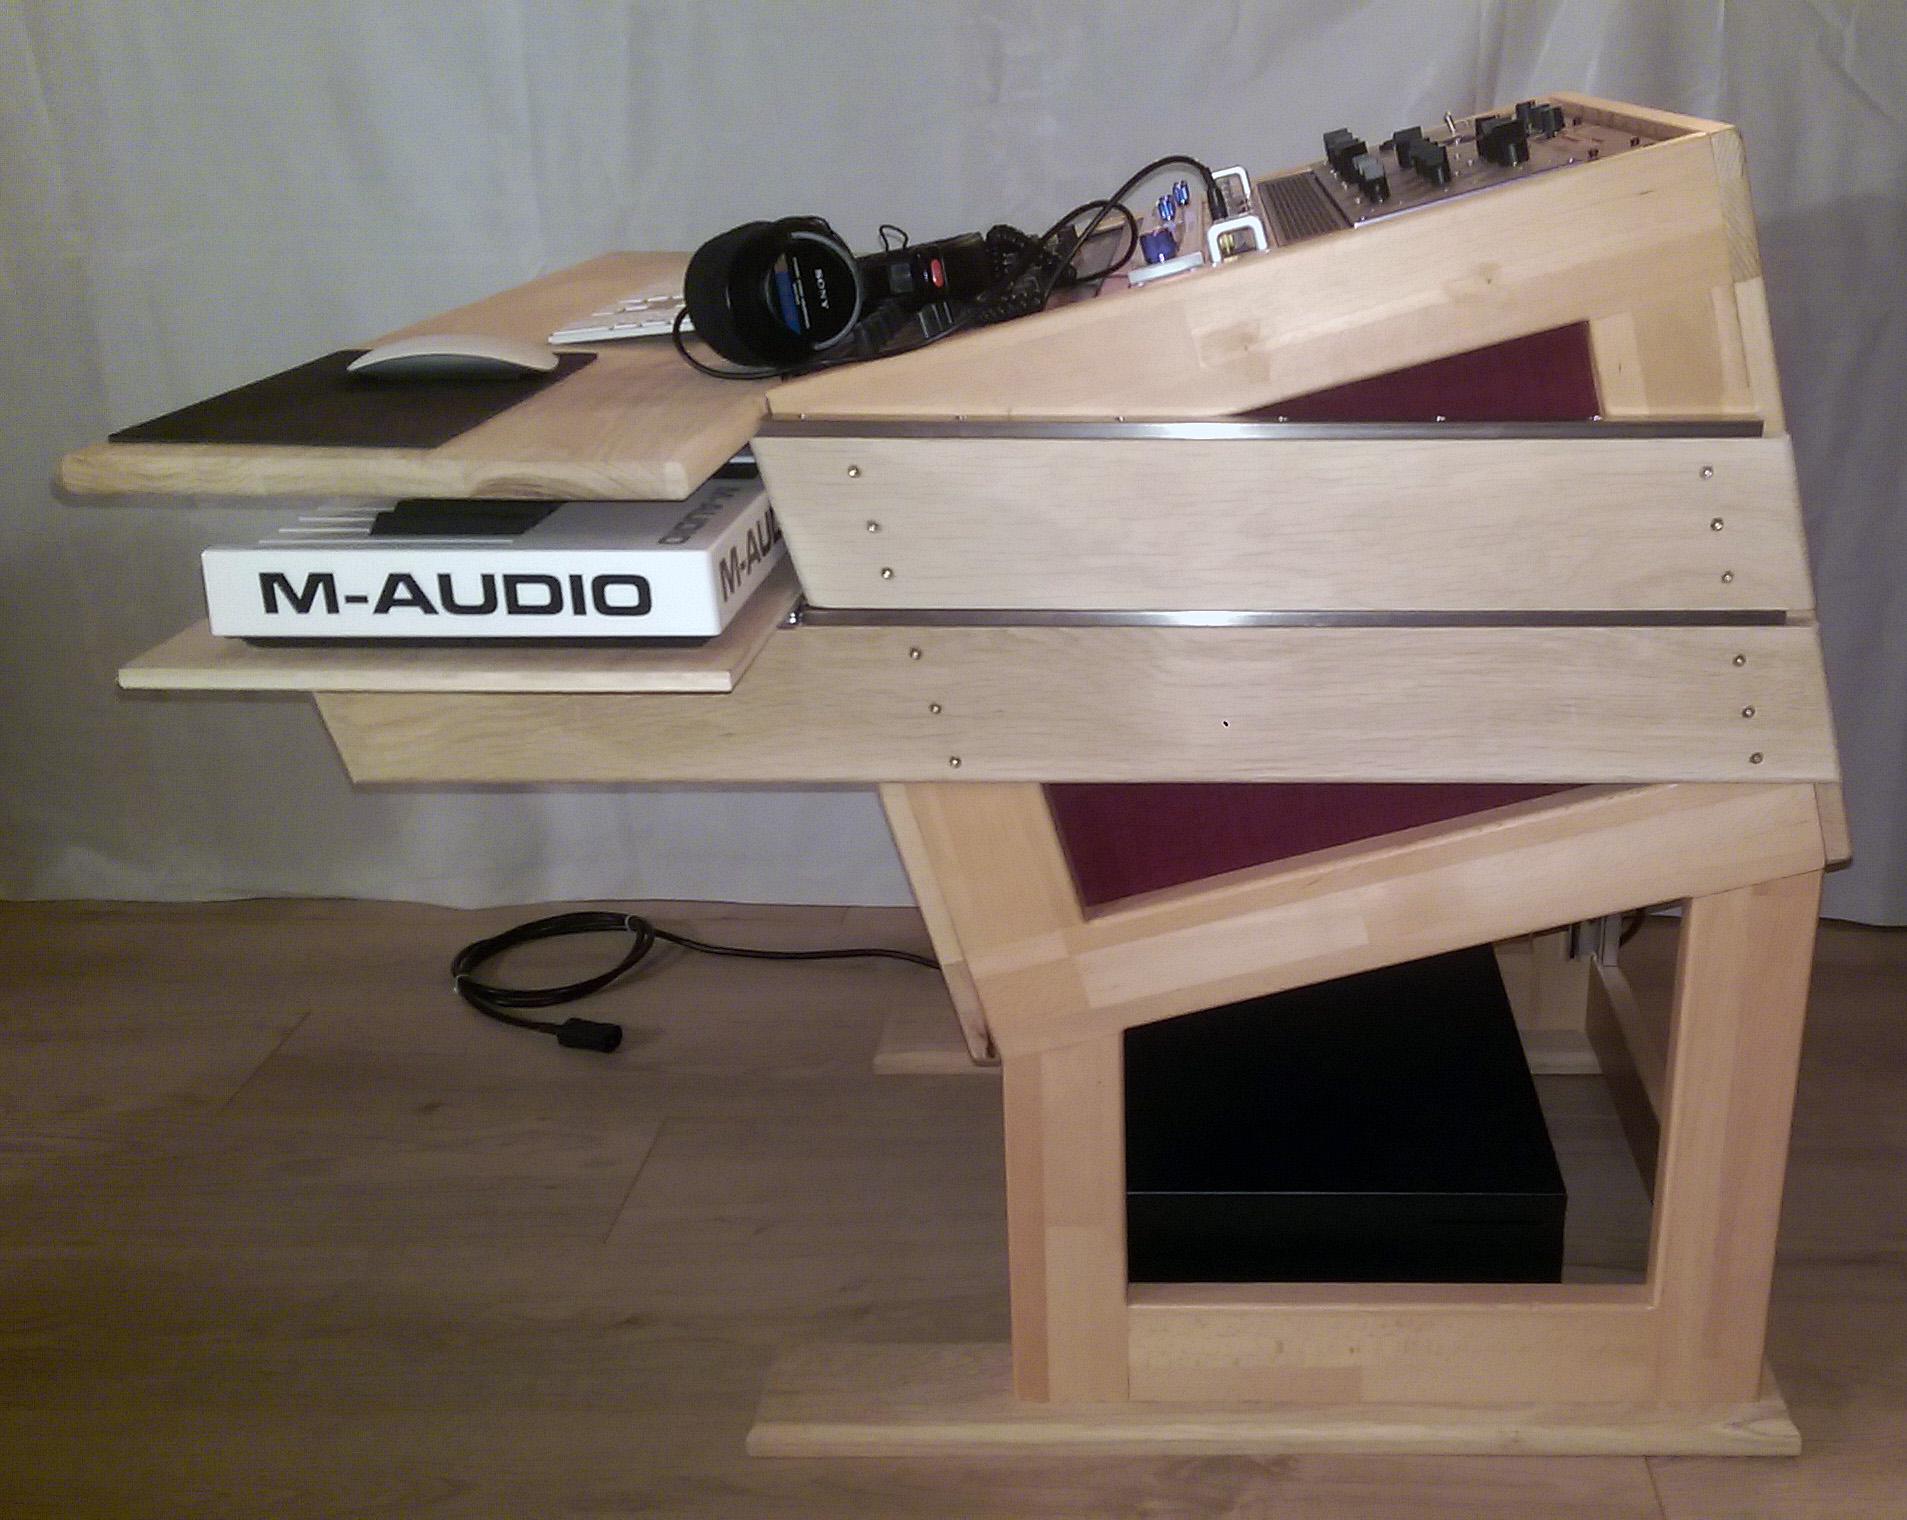 Vend bureau ergonomique pour studio mixage mastering compo nord